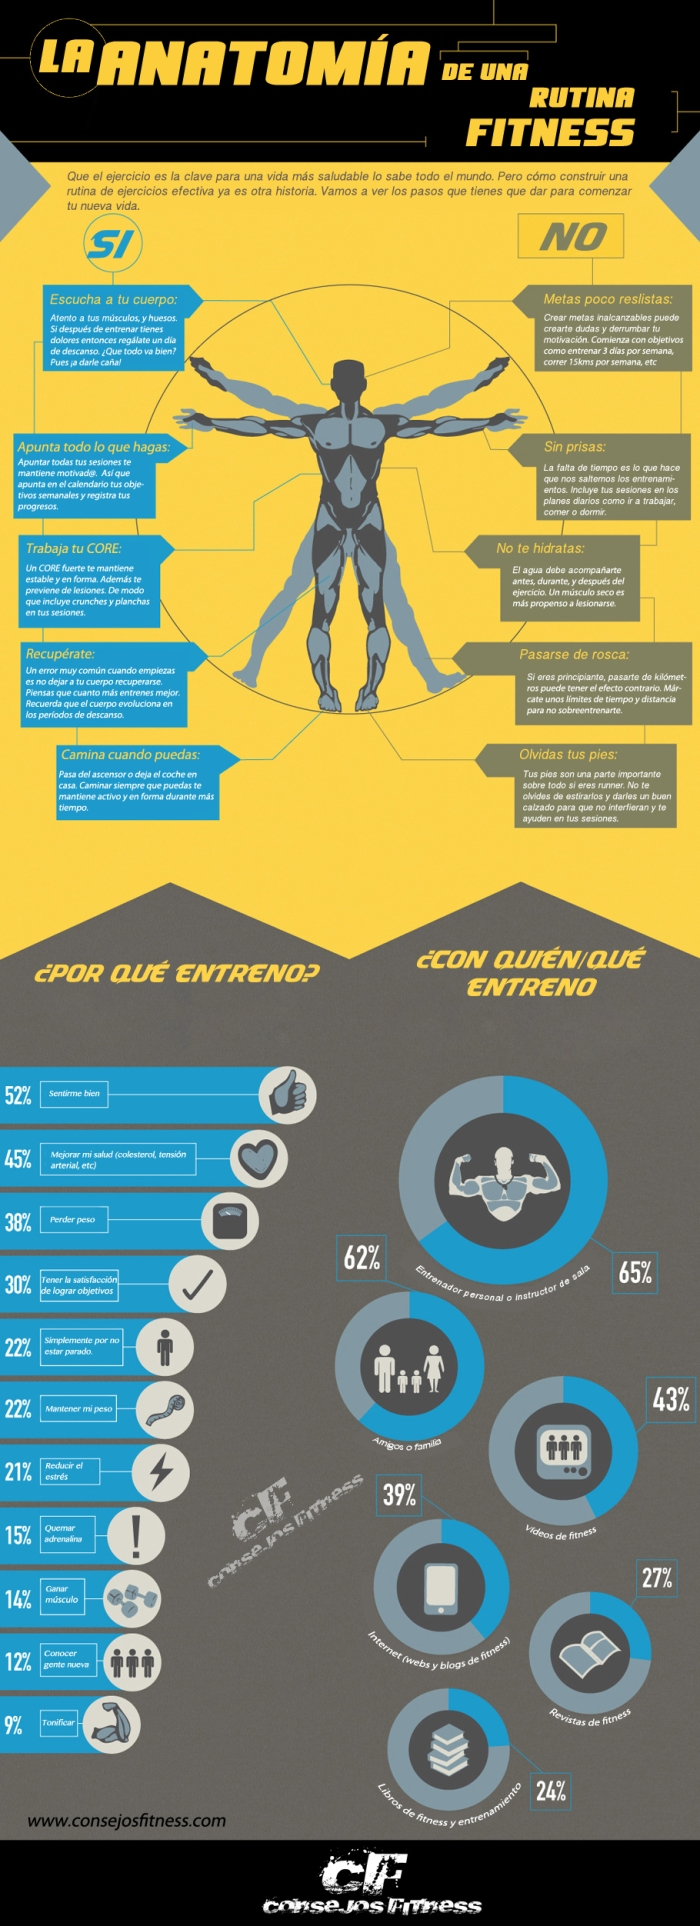 Anatomía de una rutina fitness